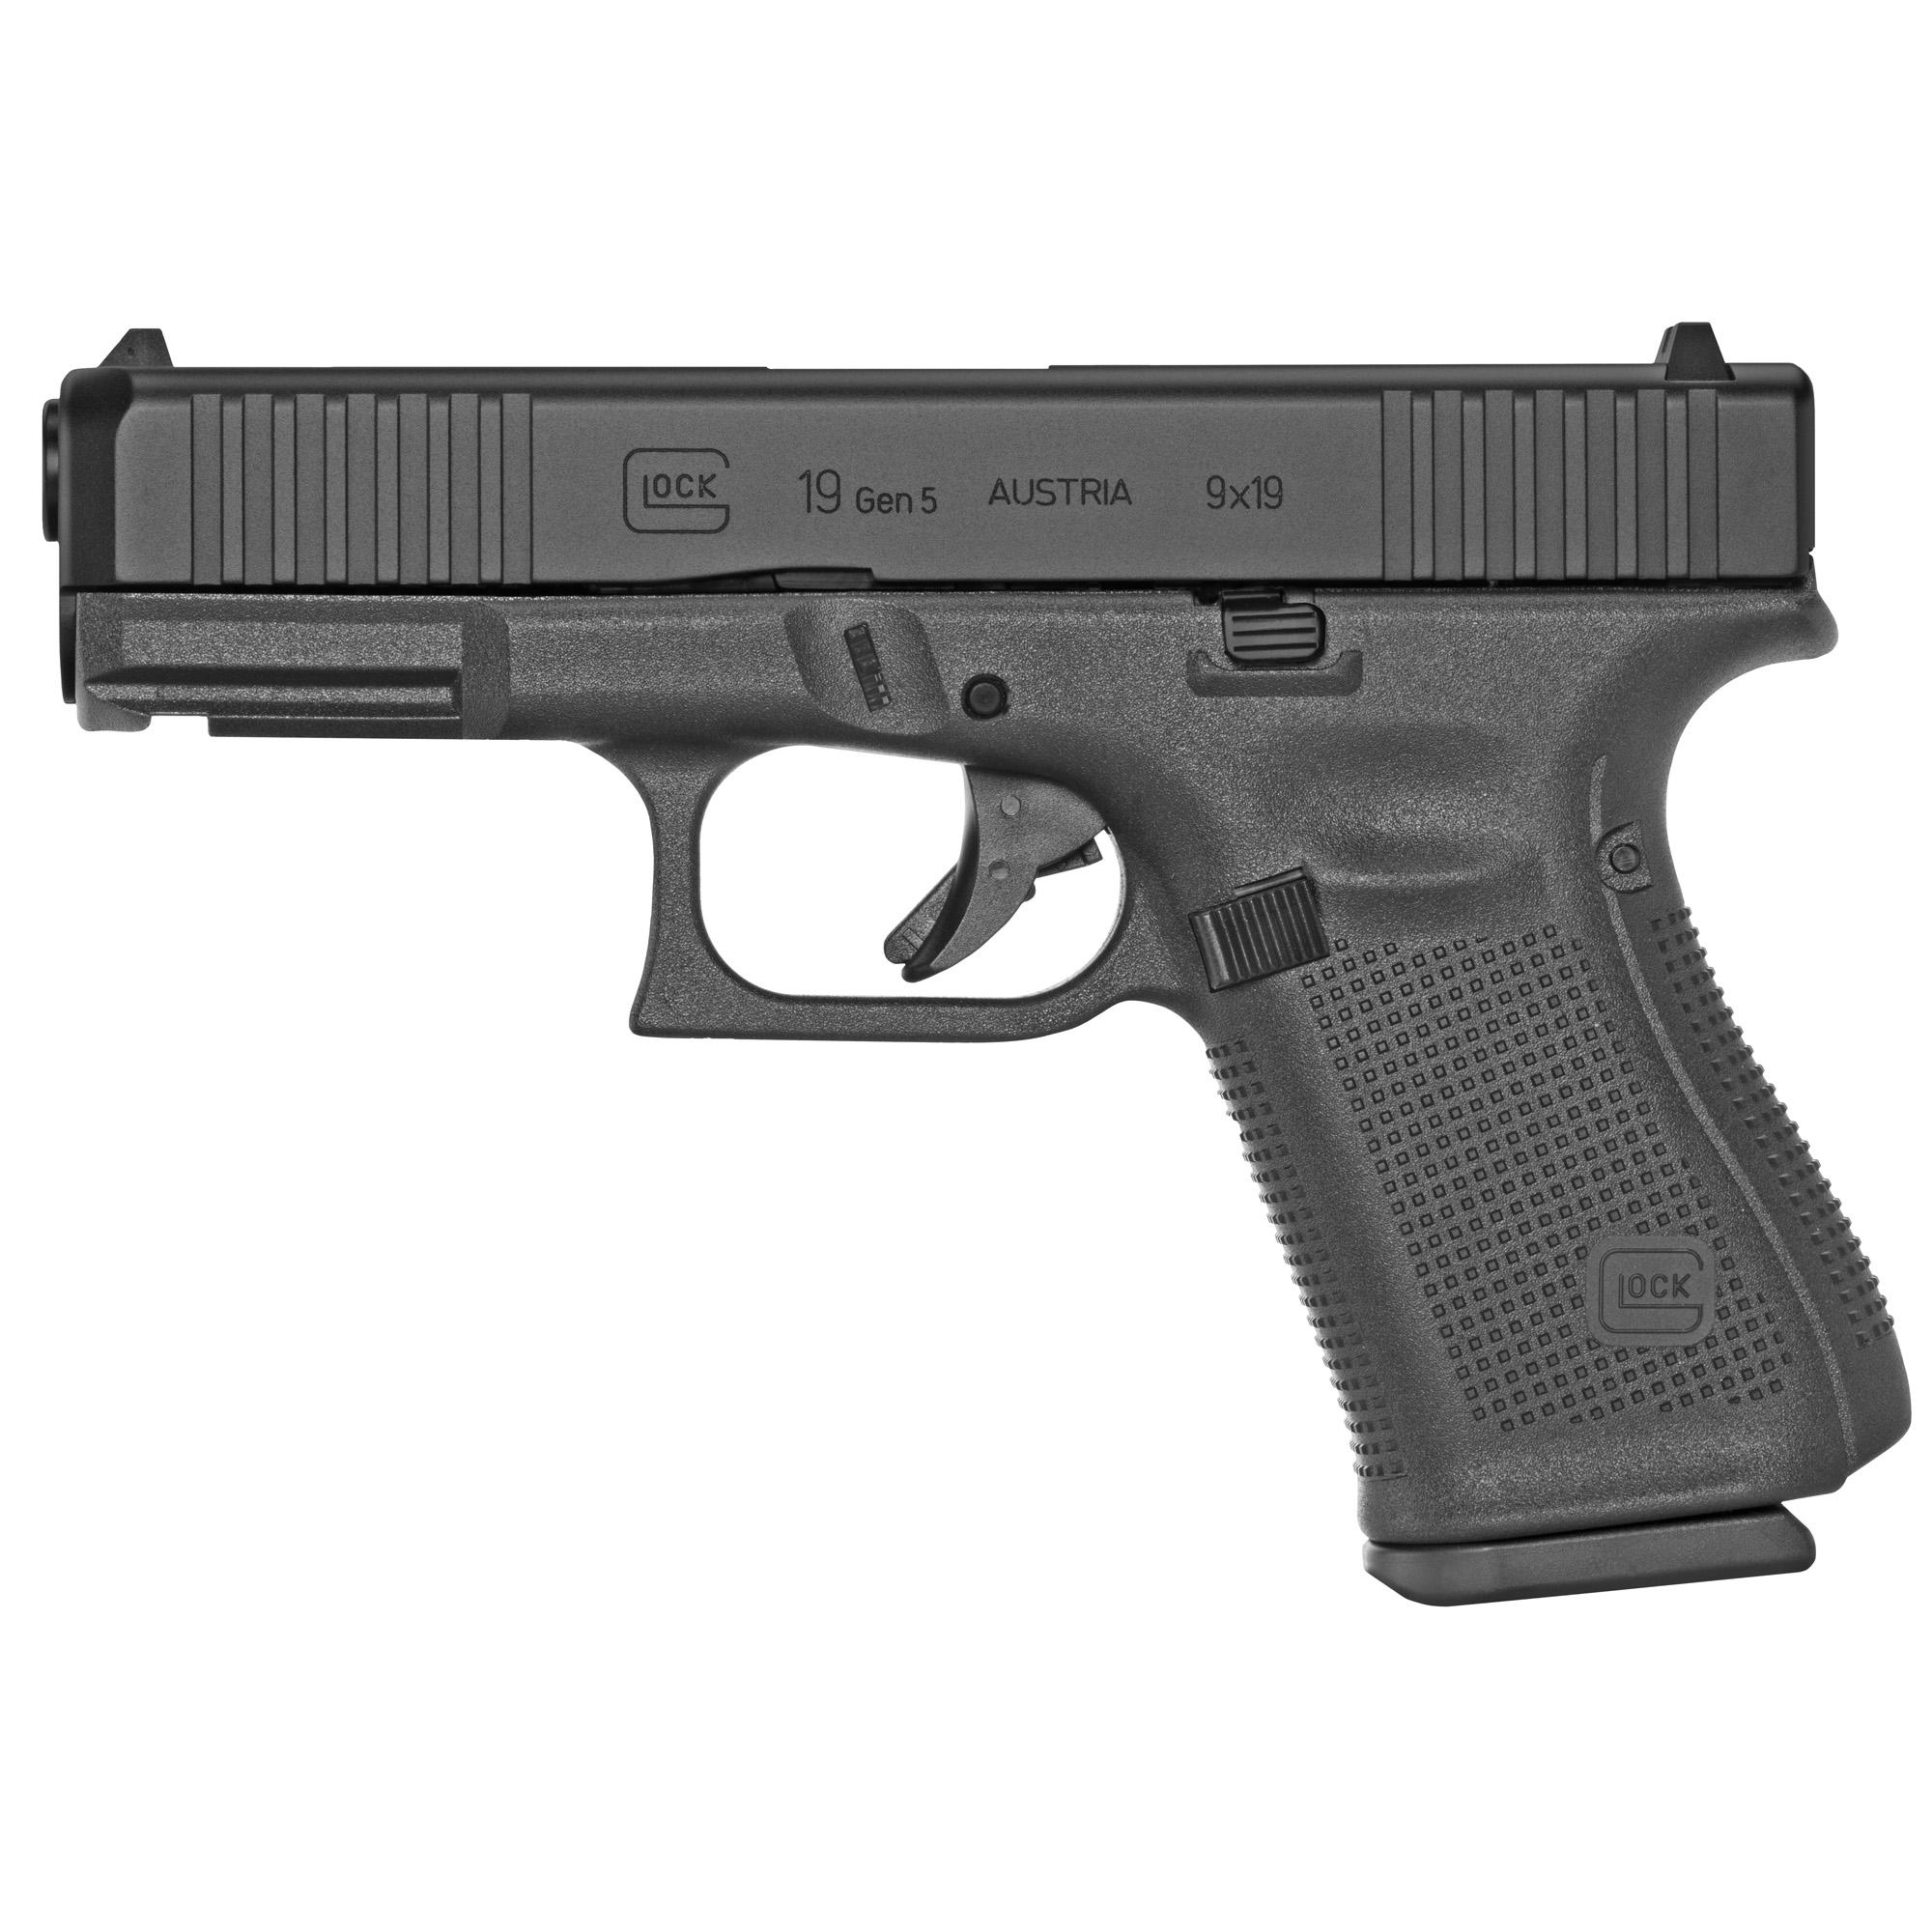 Glock UM1950333 G19 Gen5 9mm Luger 4.02